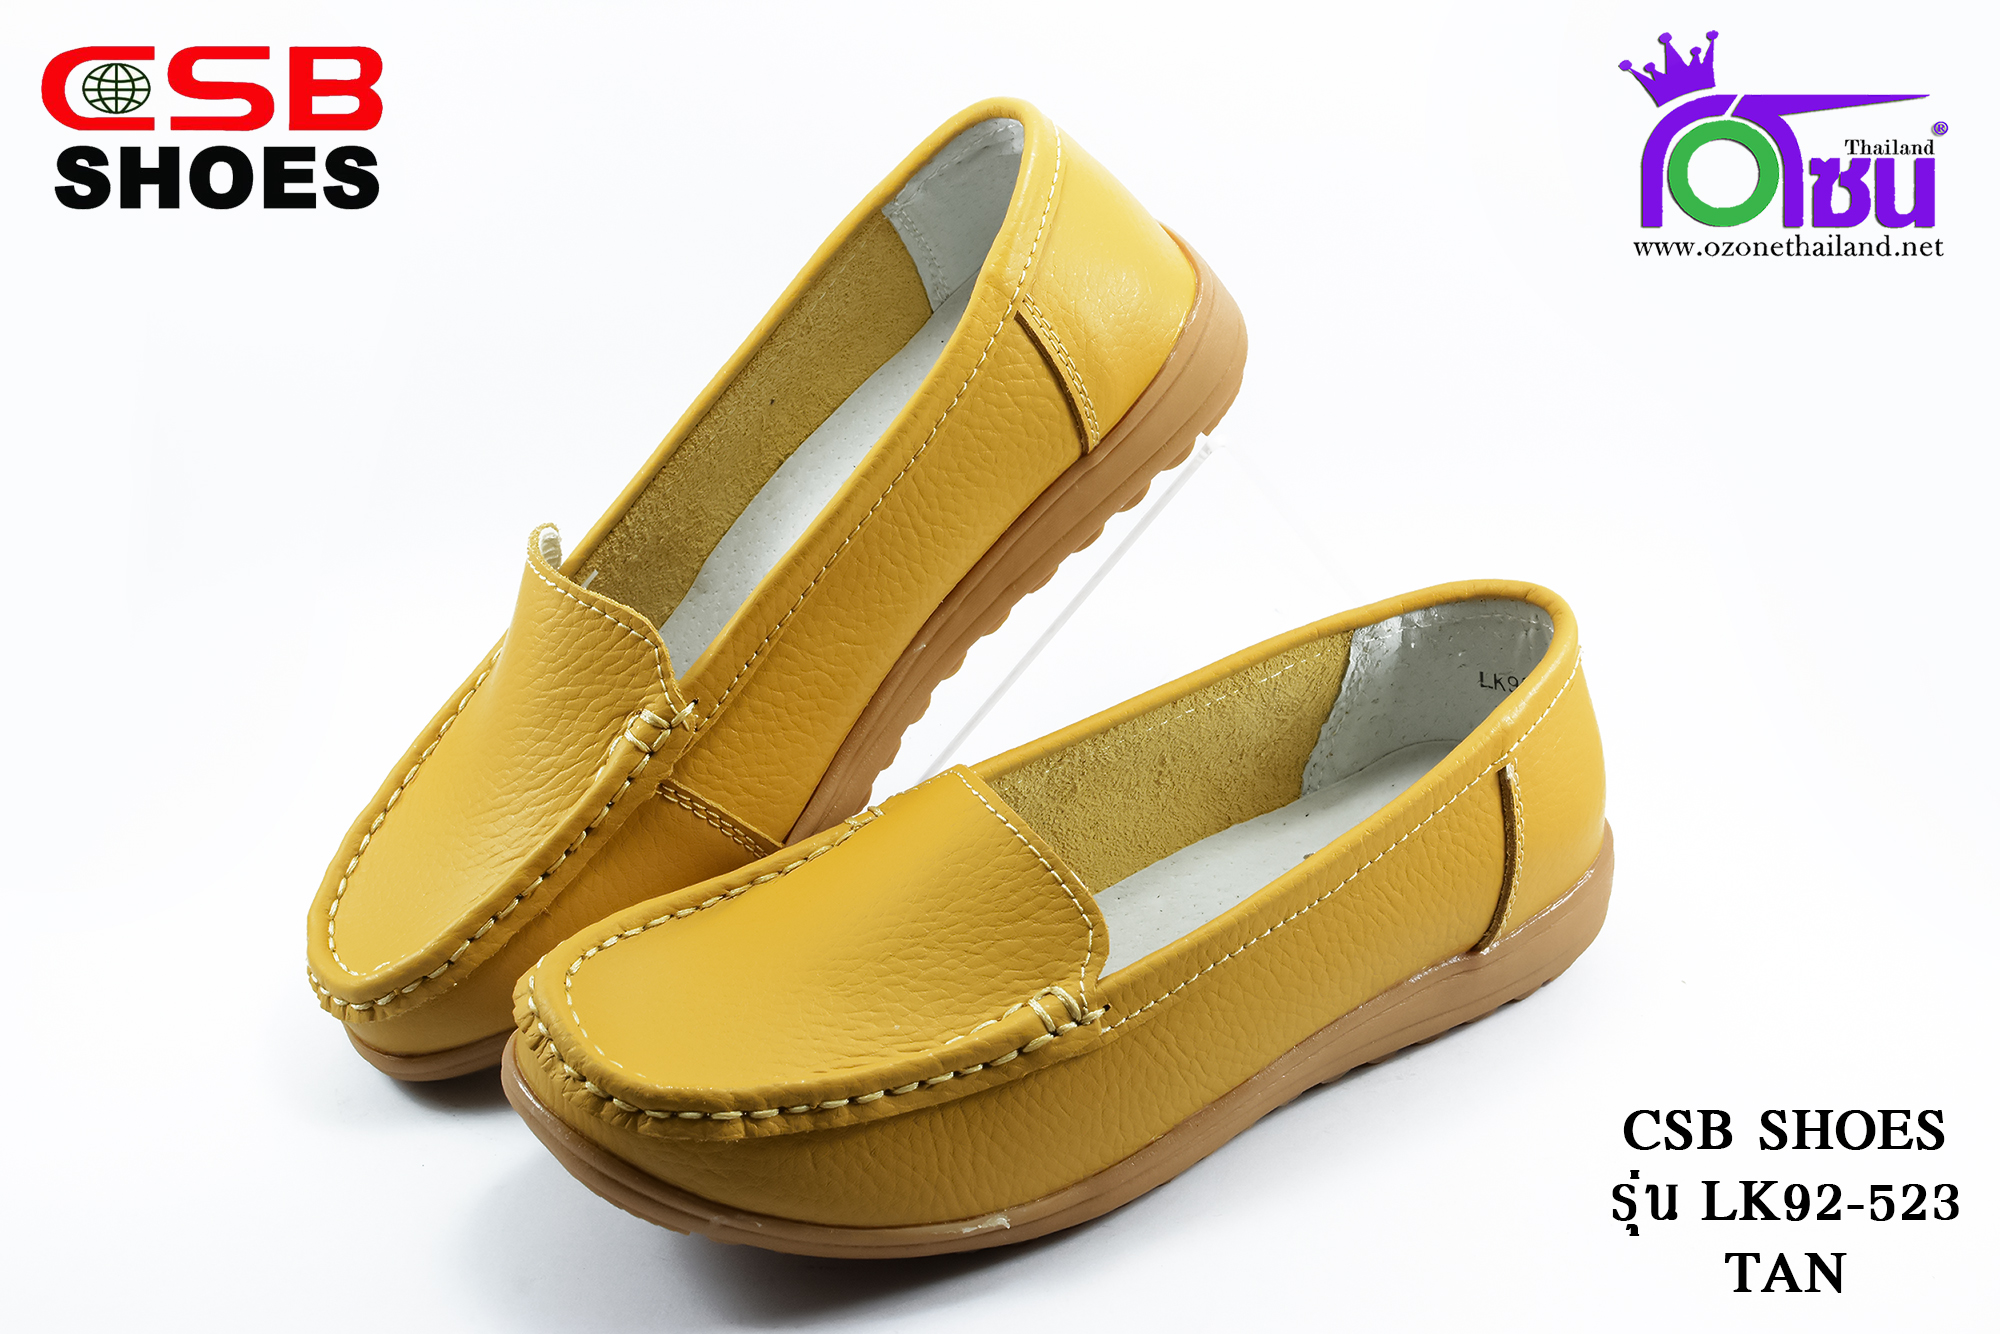 รองเท้าแฟชั่นหุ้มส้น CSB ซีเอสบี รุ่น LK92-532 สีเหลือง เบอร์ 36-40